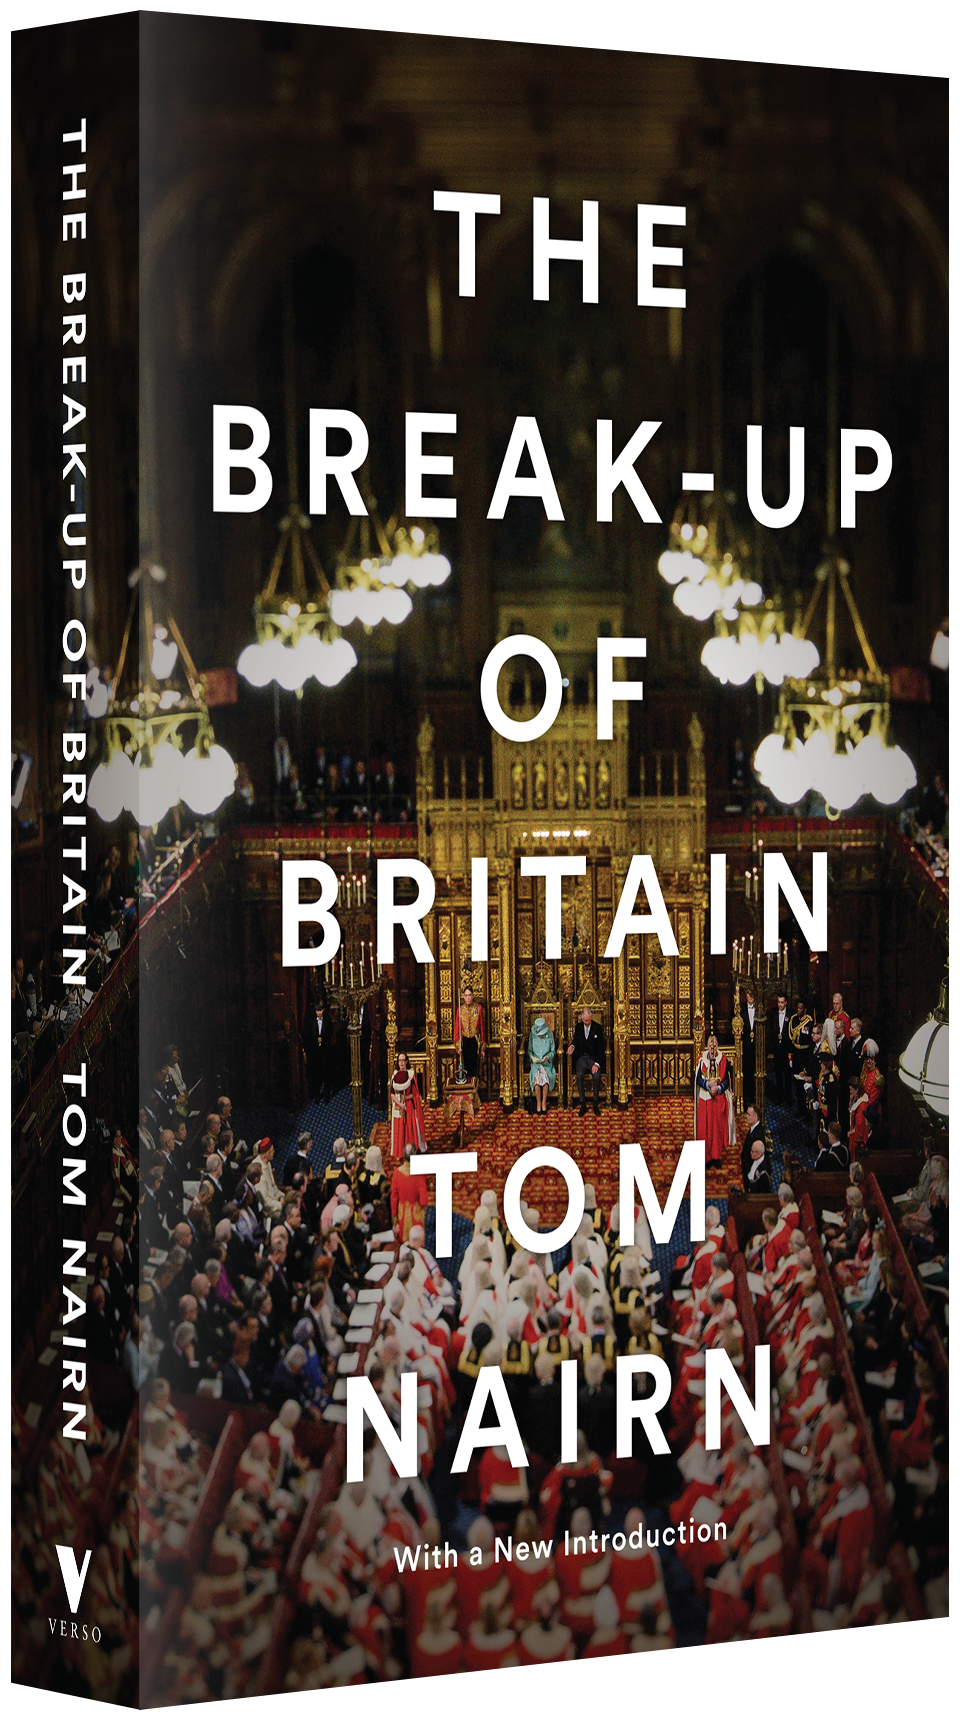 The-break-up-of-britain